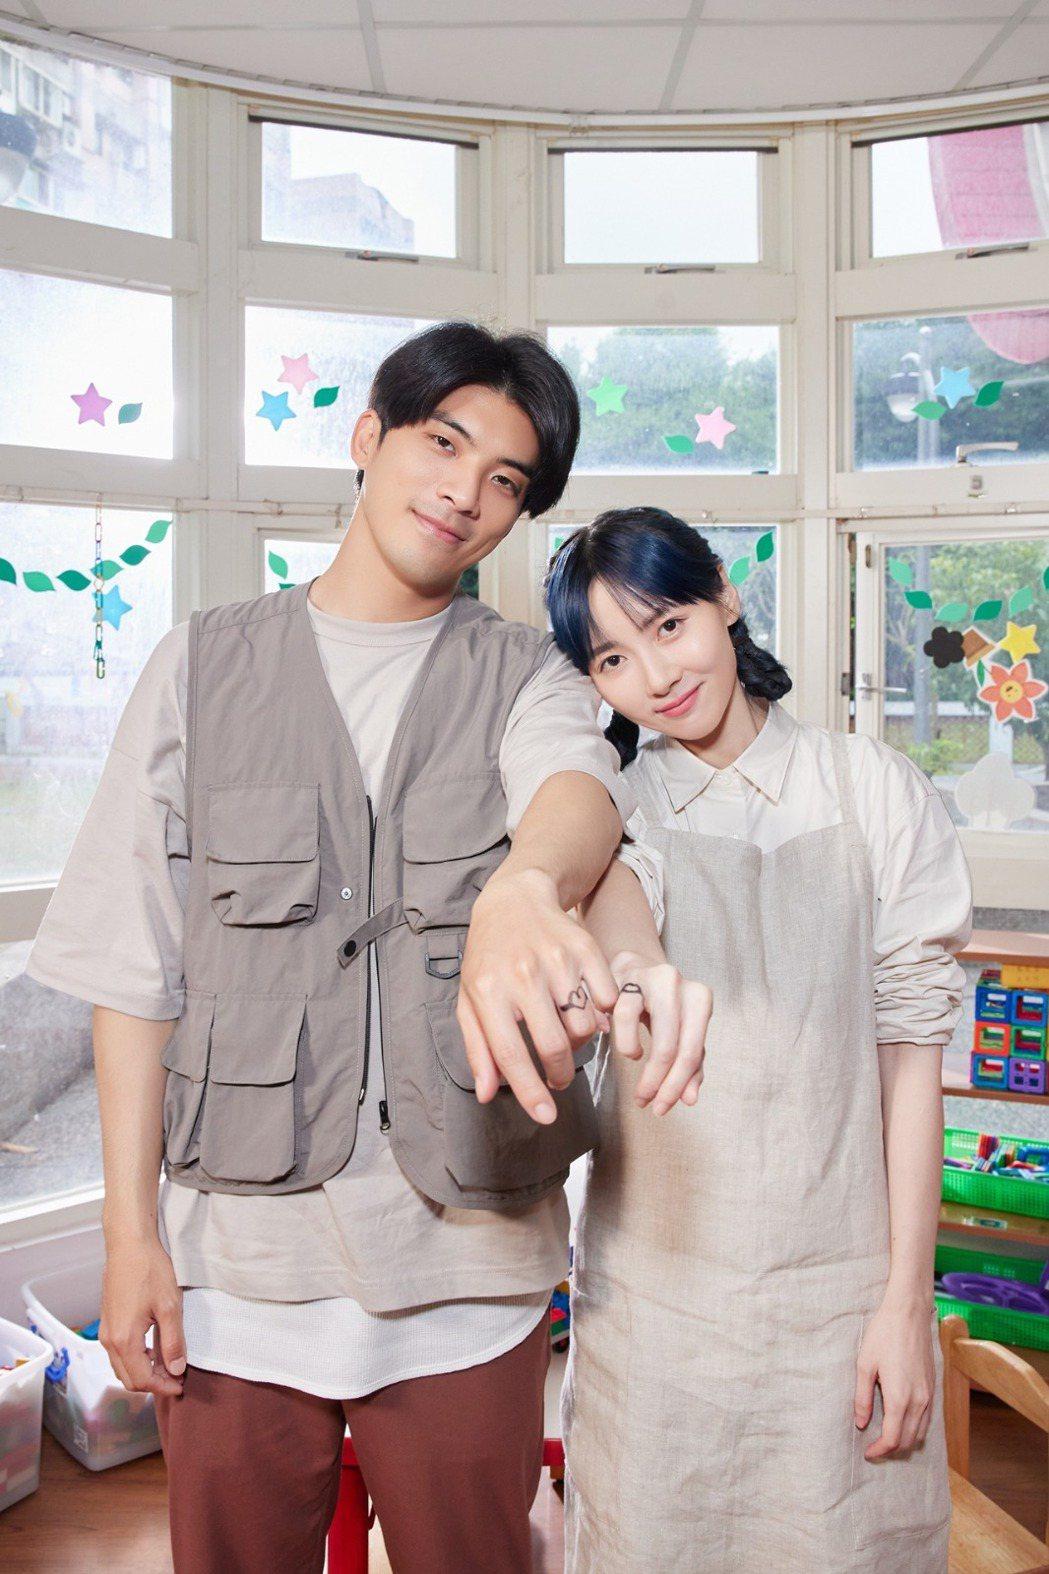 林哲熹(左)與饒星星在MV中飾演情侶,上演浪漫求婚戲碼。圖/華研國際提供